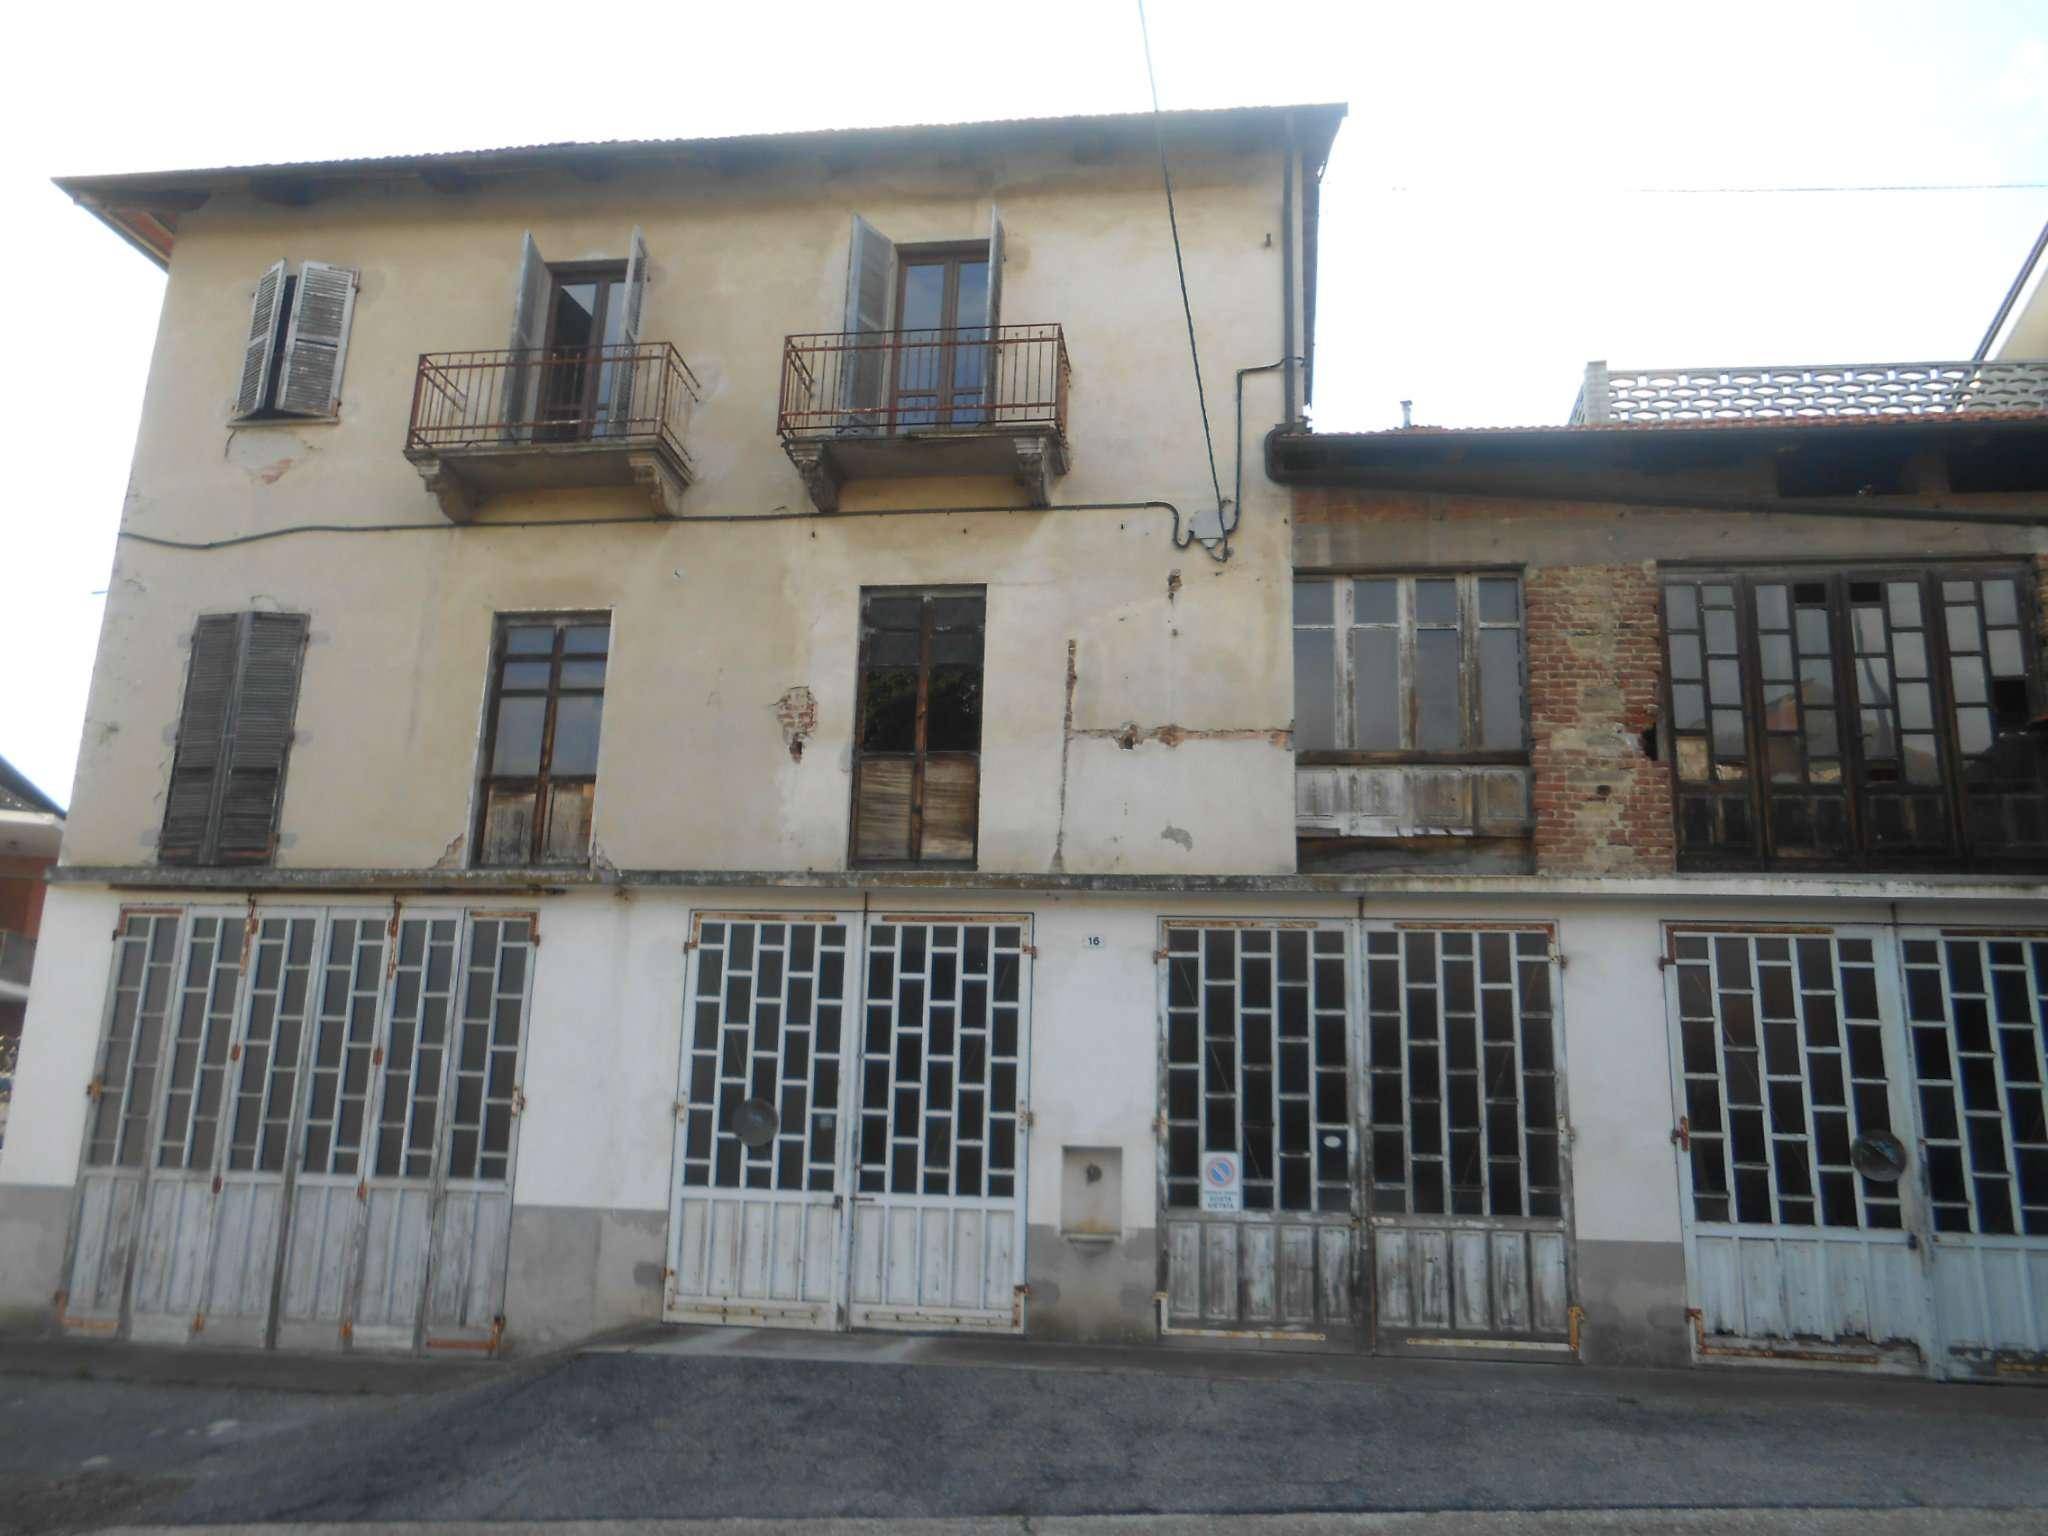 Palazzo / Stabile in vendita a Montafia, 11 locali, prezzo € 59.000 | CambioCasa.it